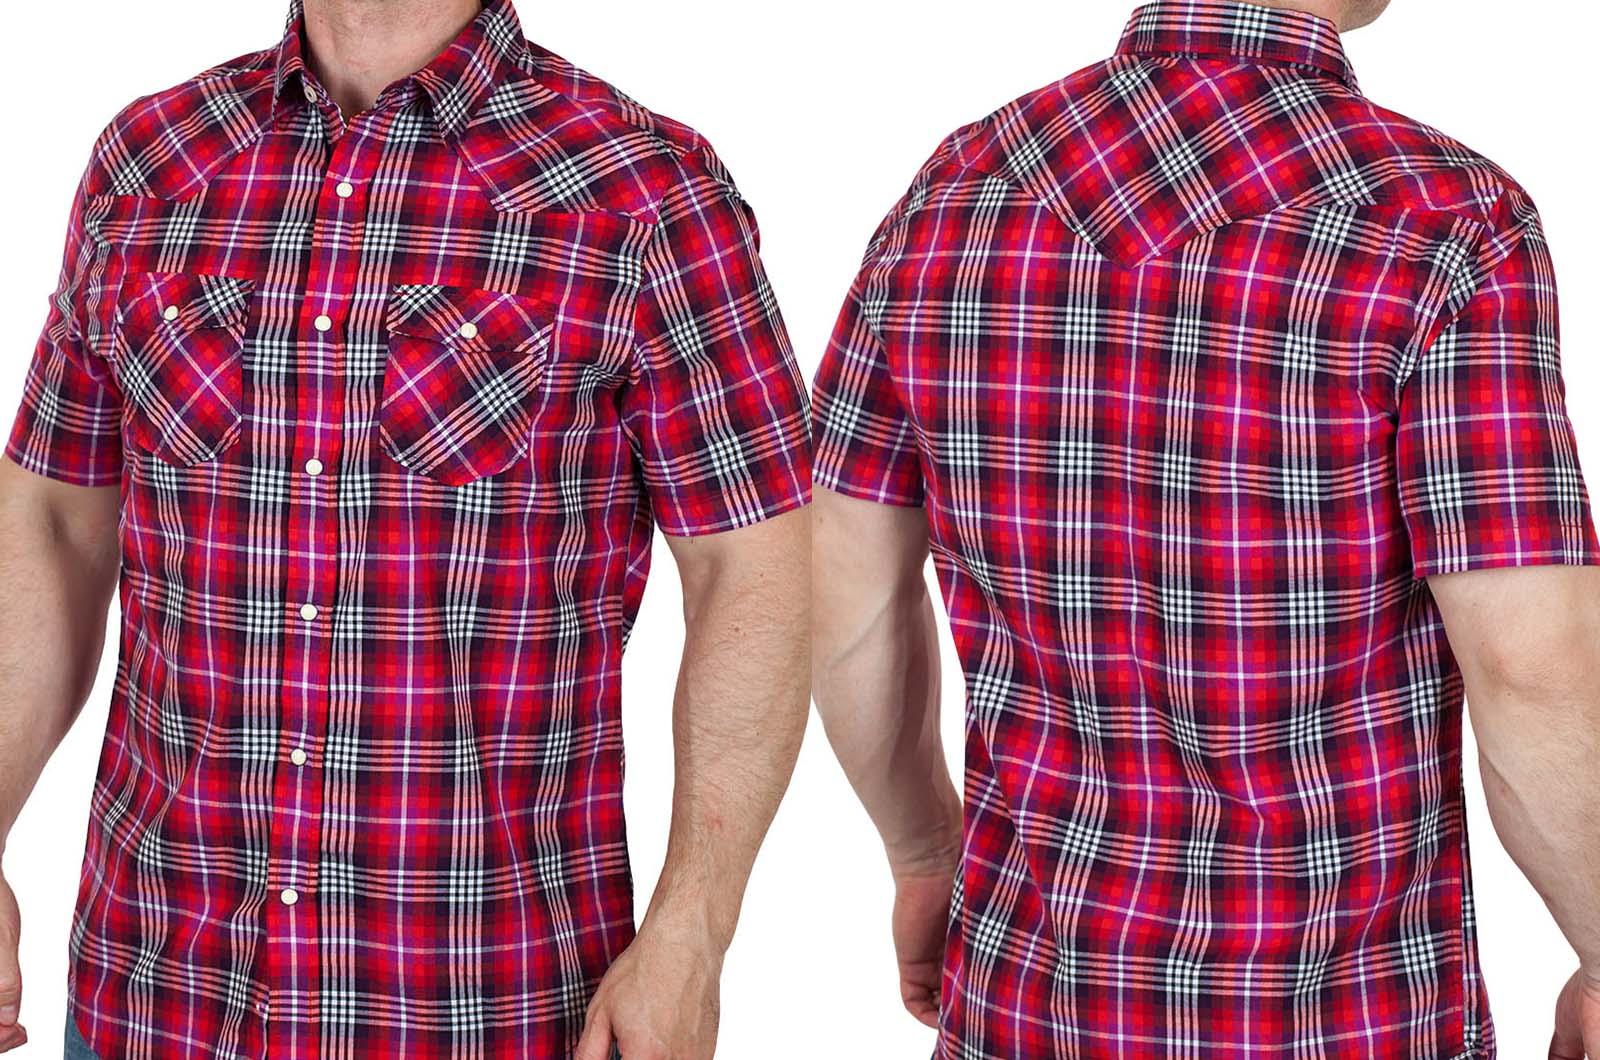 Трендовая мужская рубашка Aeropostale с доставкой